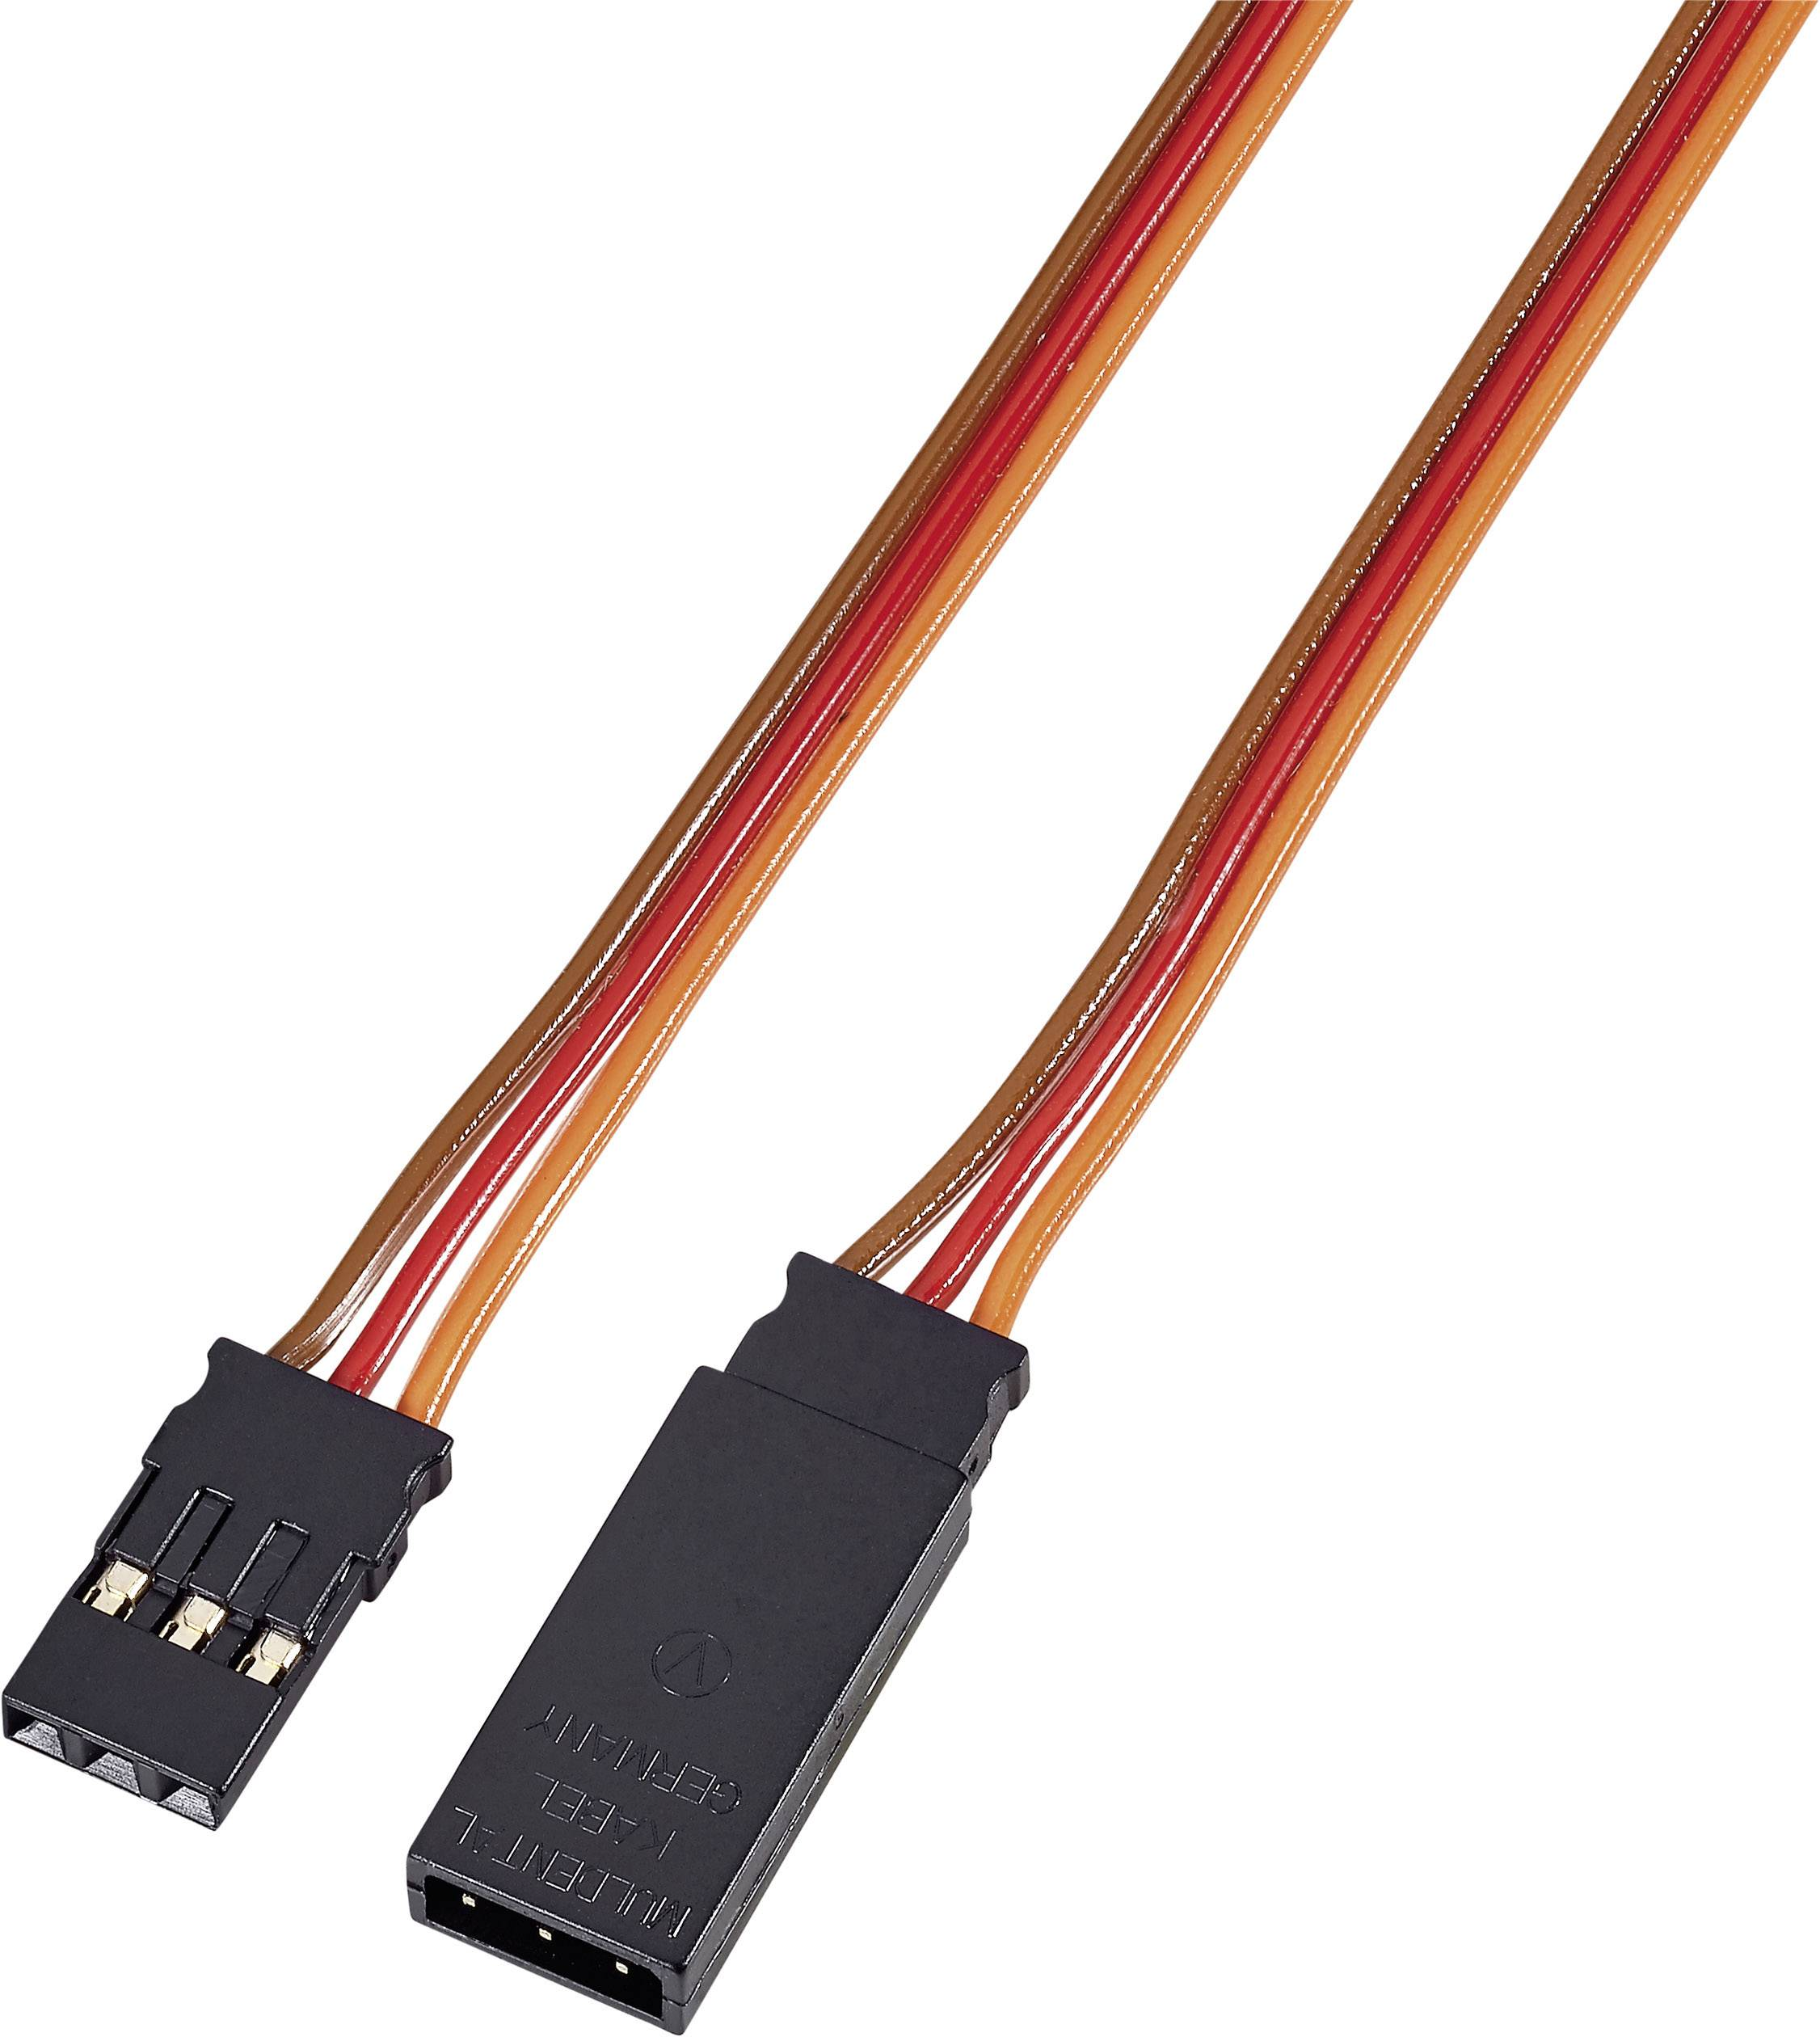 Prodlužovací kabel Modelcraft, konektor JR, 25 cm, 0,08 mm²